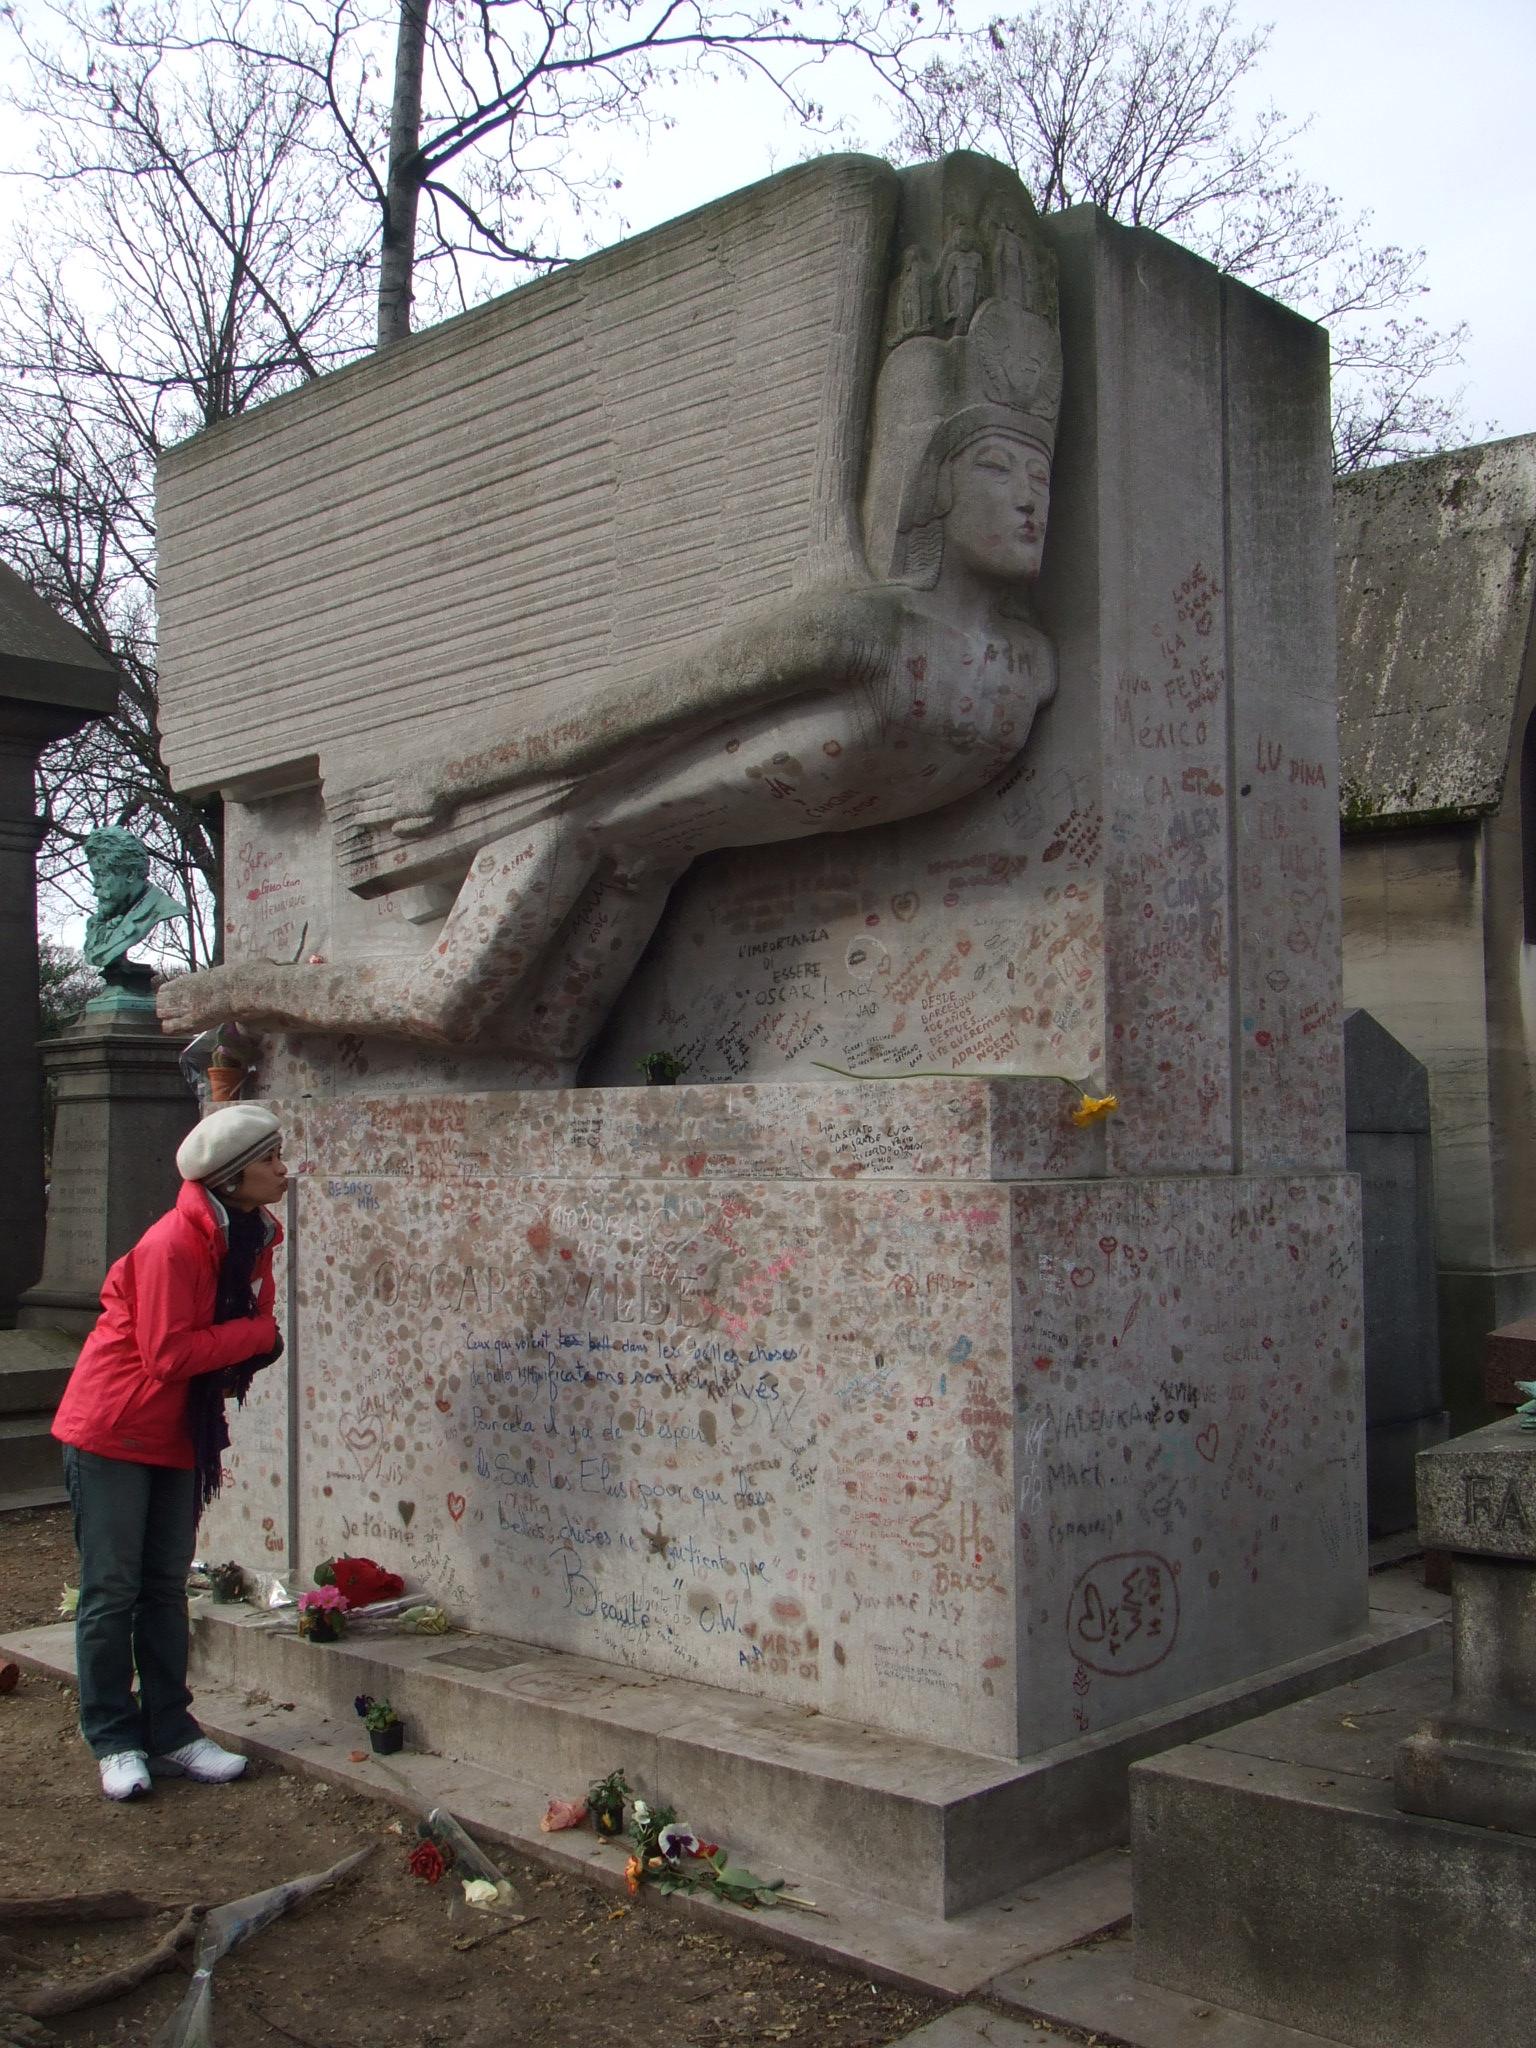 墓園中英劇家王爾德的墓-來訪者要在墓碑上印唇印